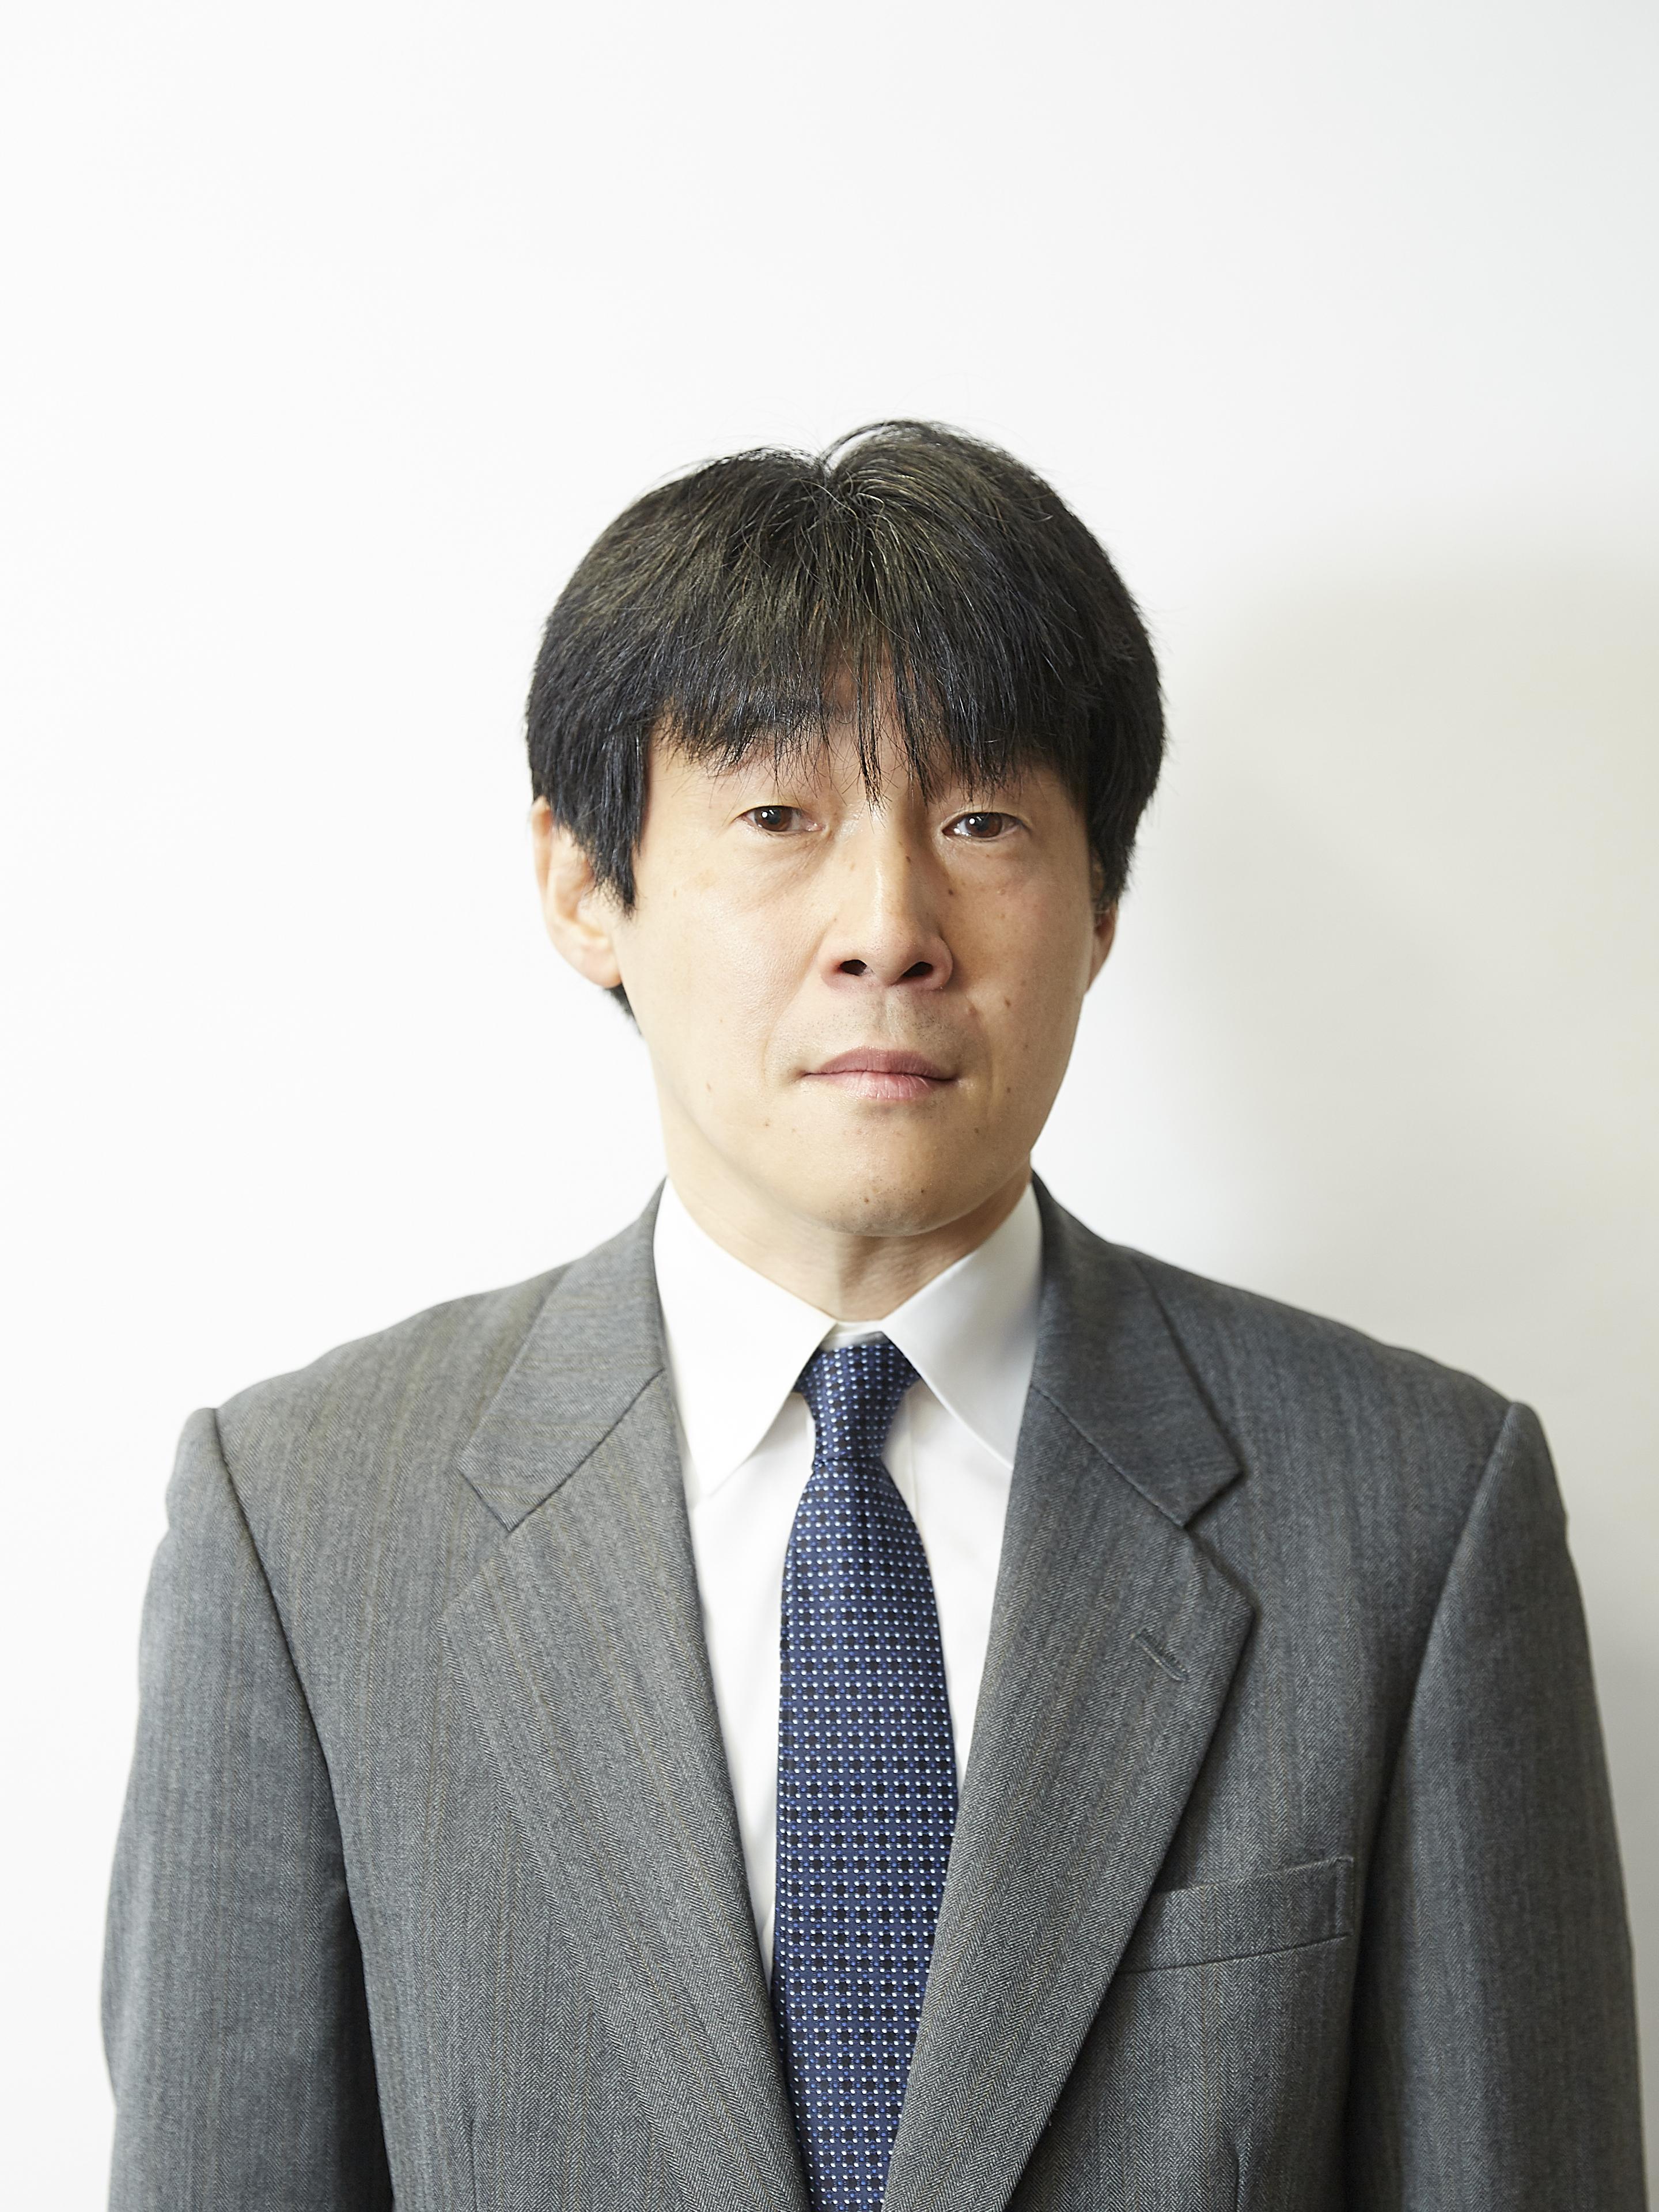 元山 斉 [Motoyama Hitoshi]